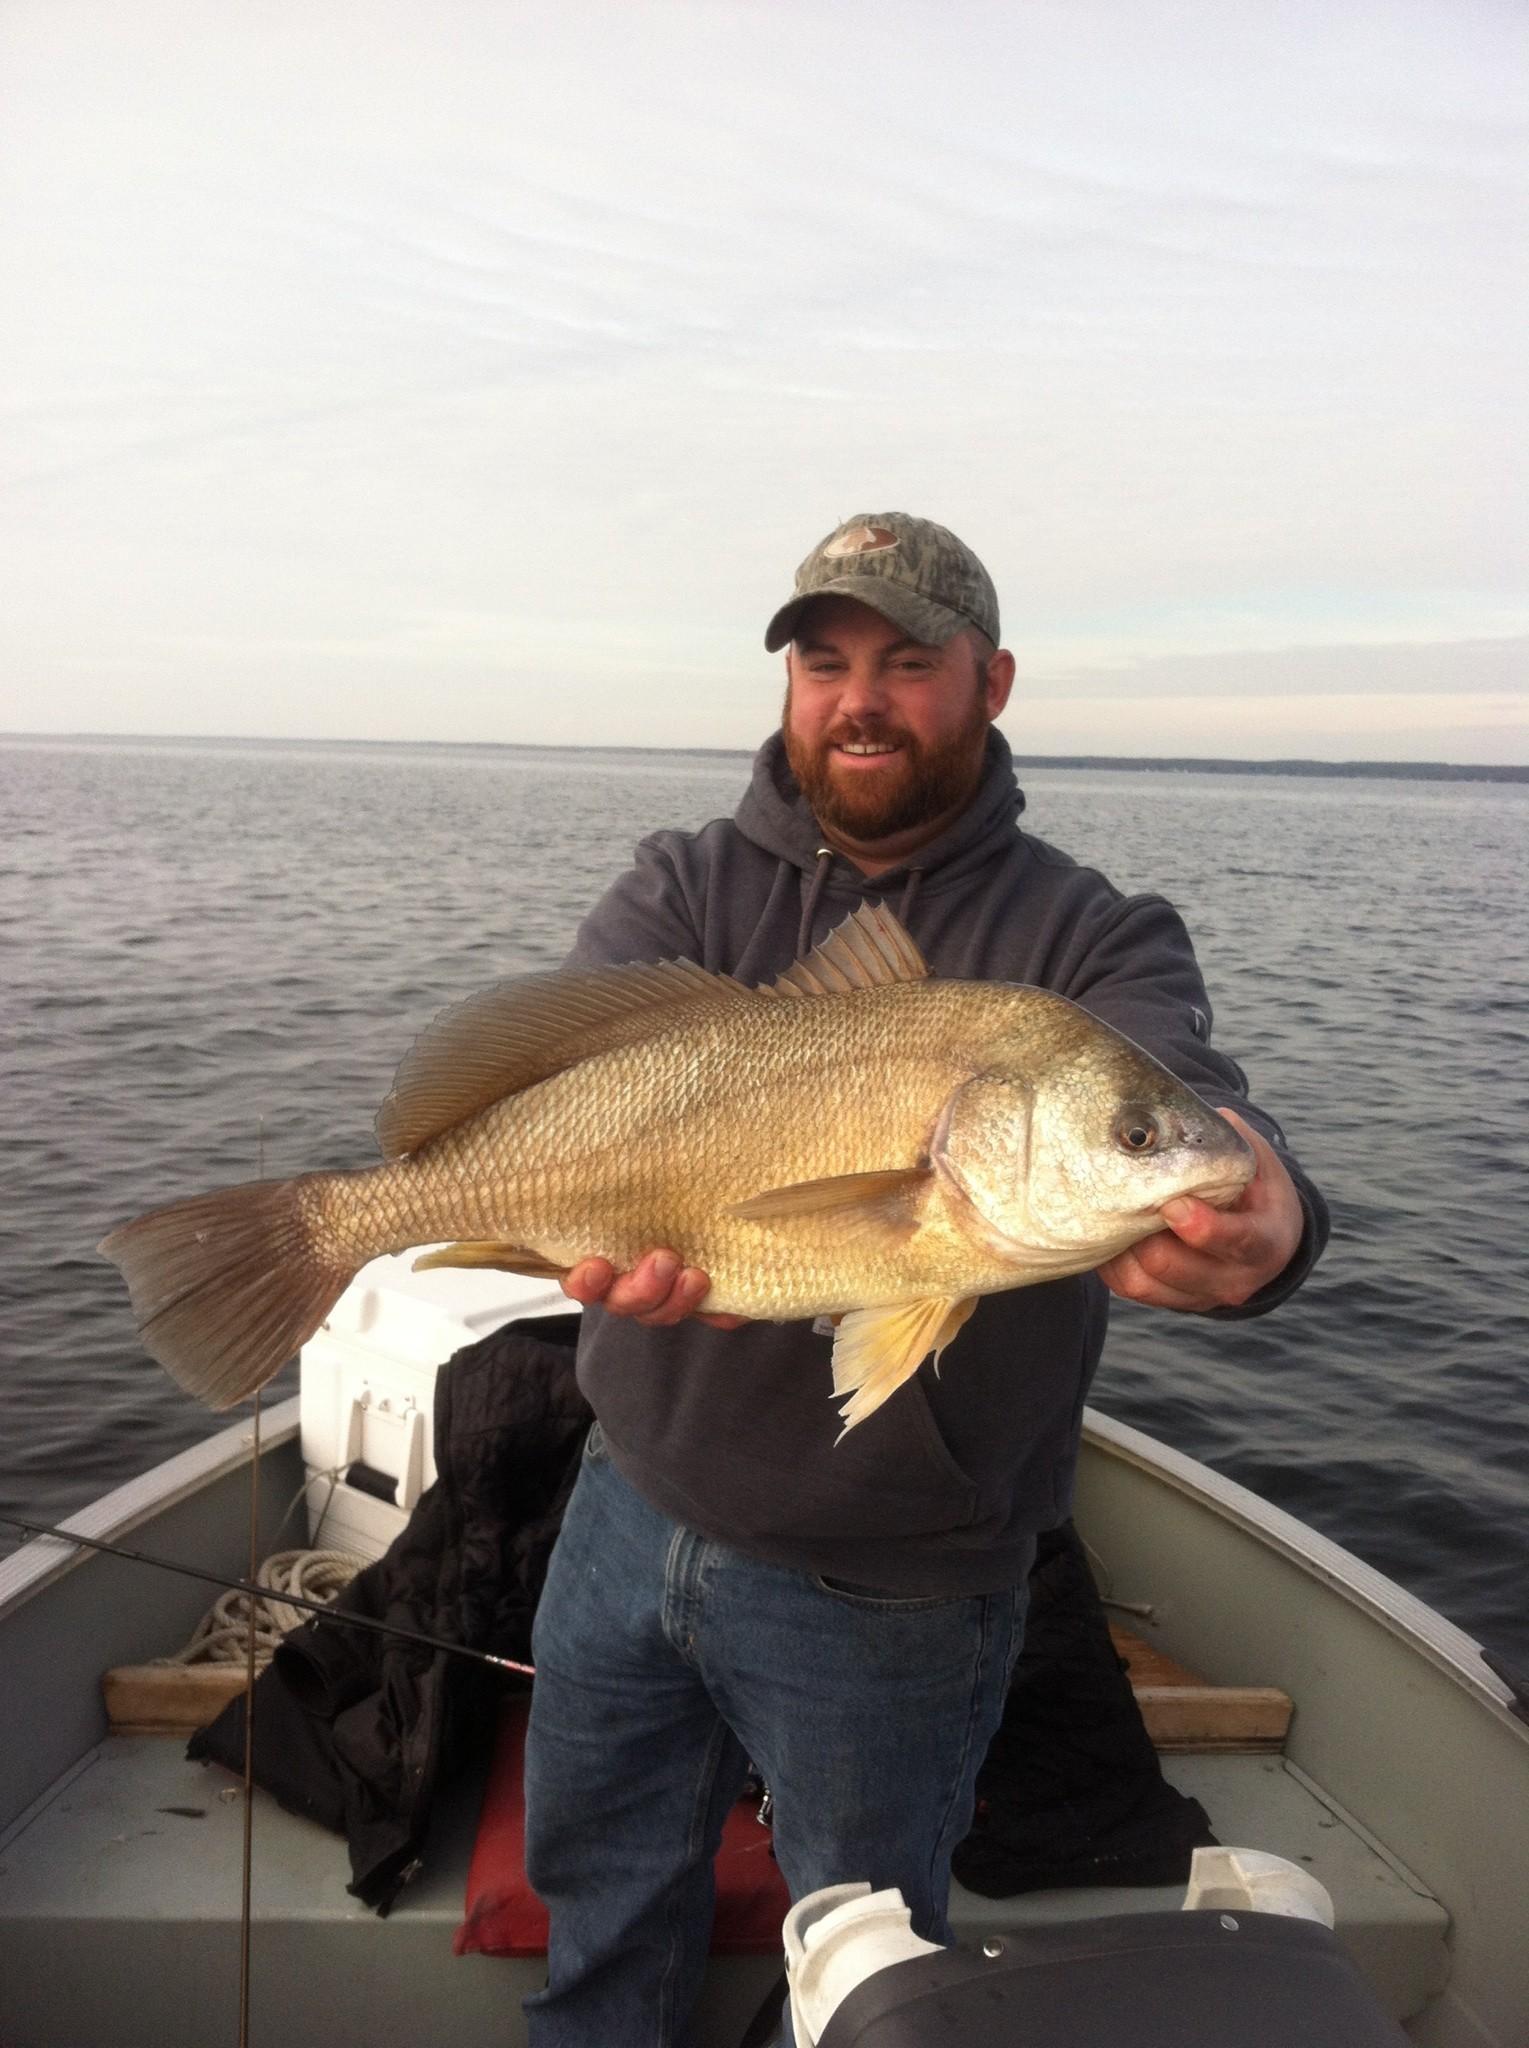 Lucky Buck Fishing: Lake Fishing Trip